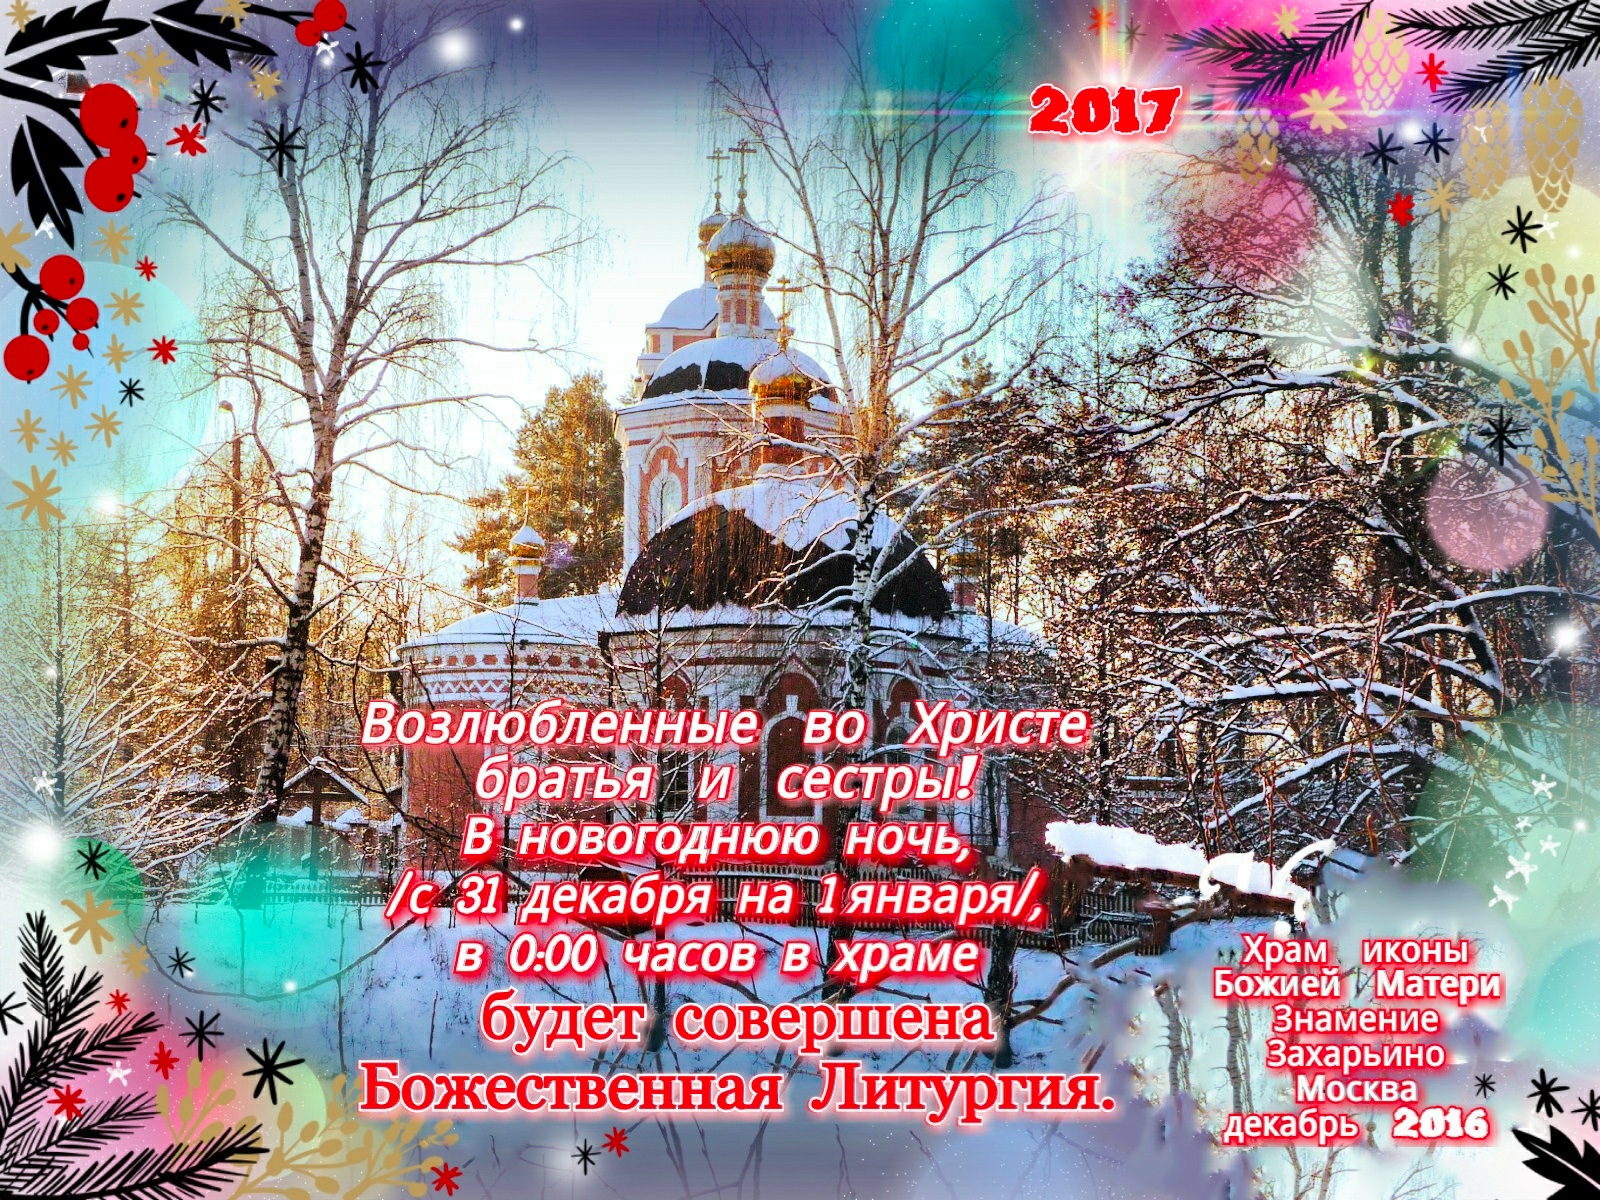 novogodnyaya-liturgiya